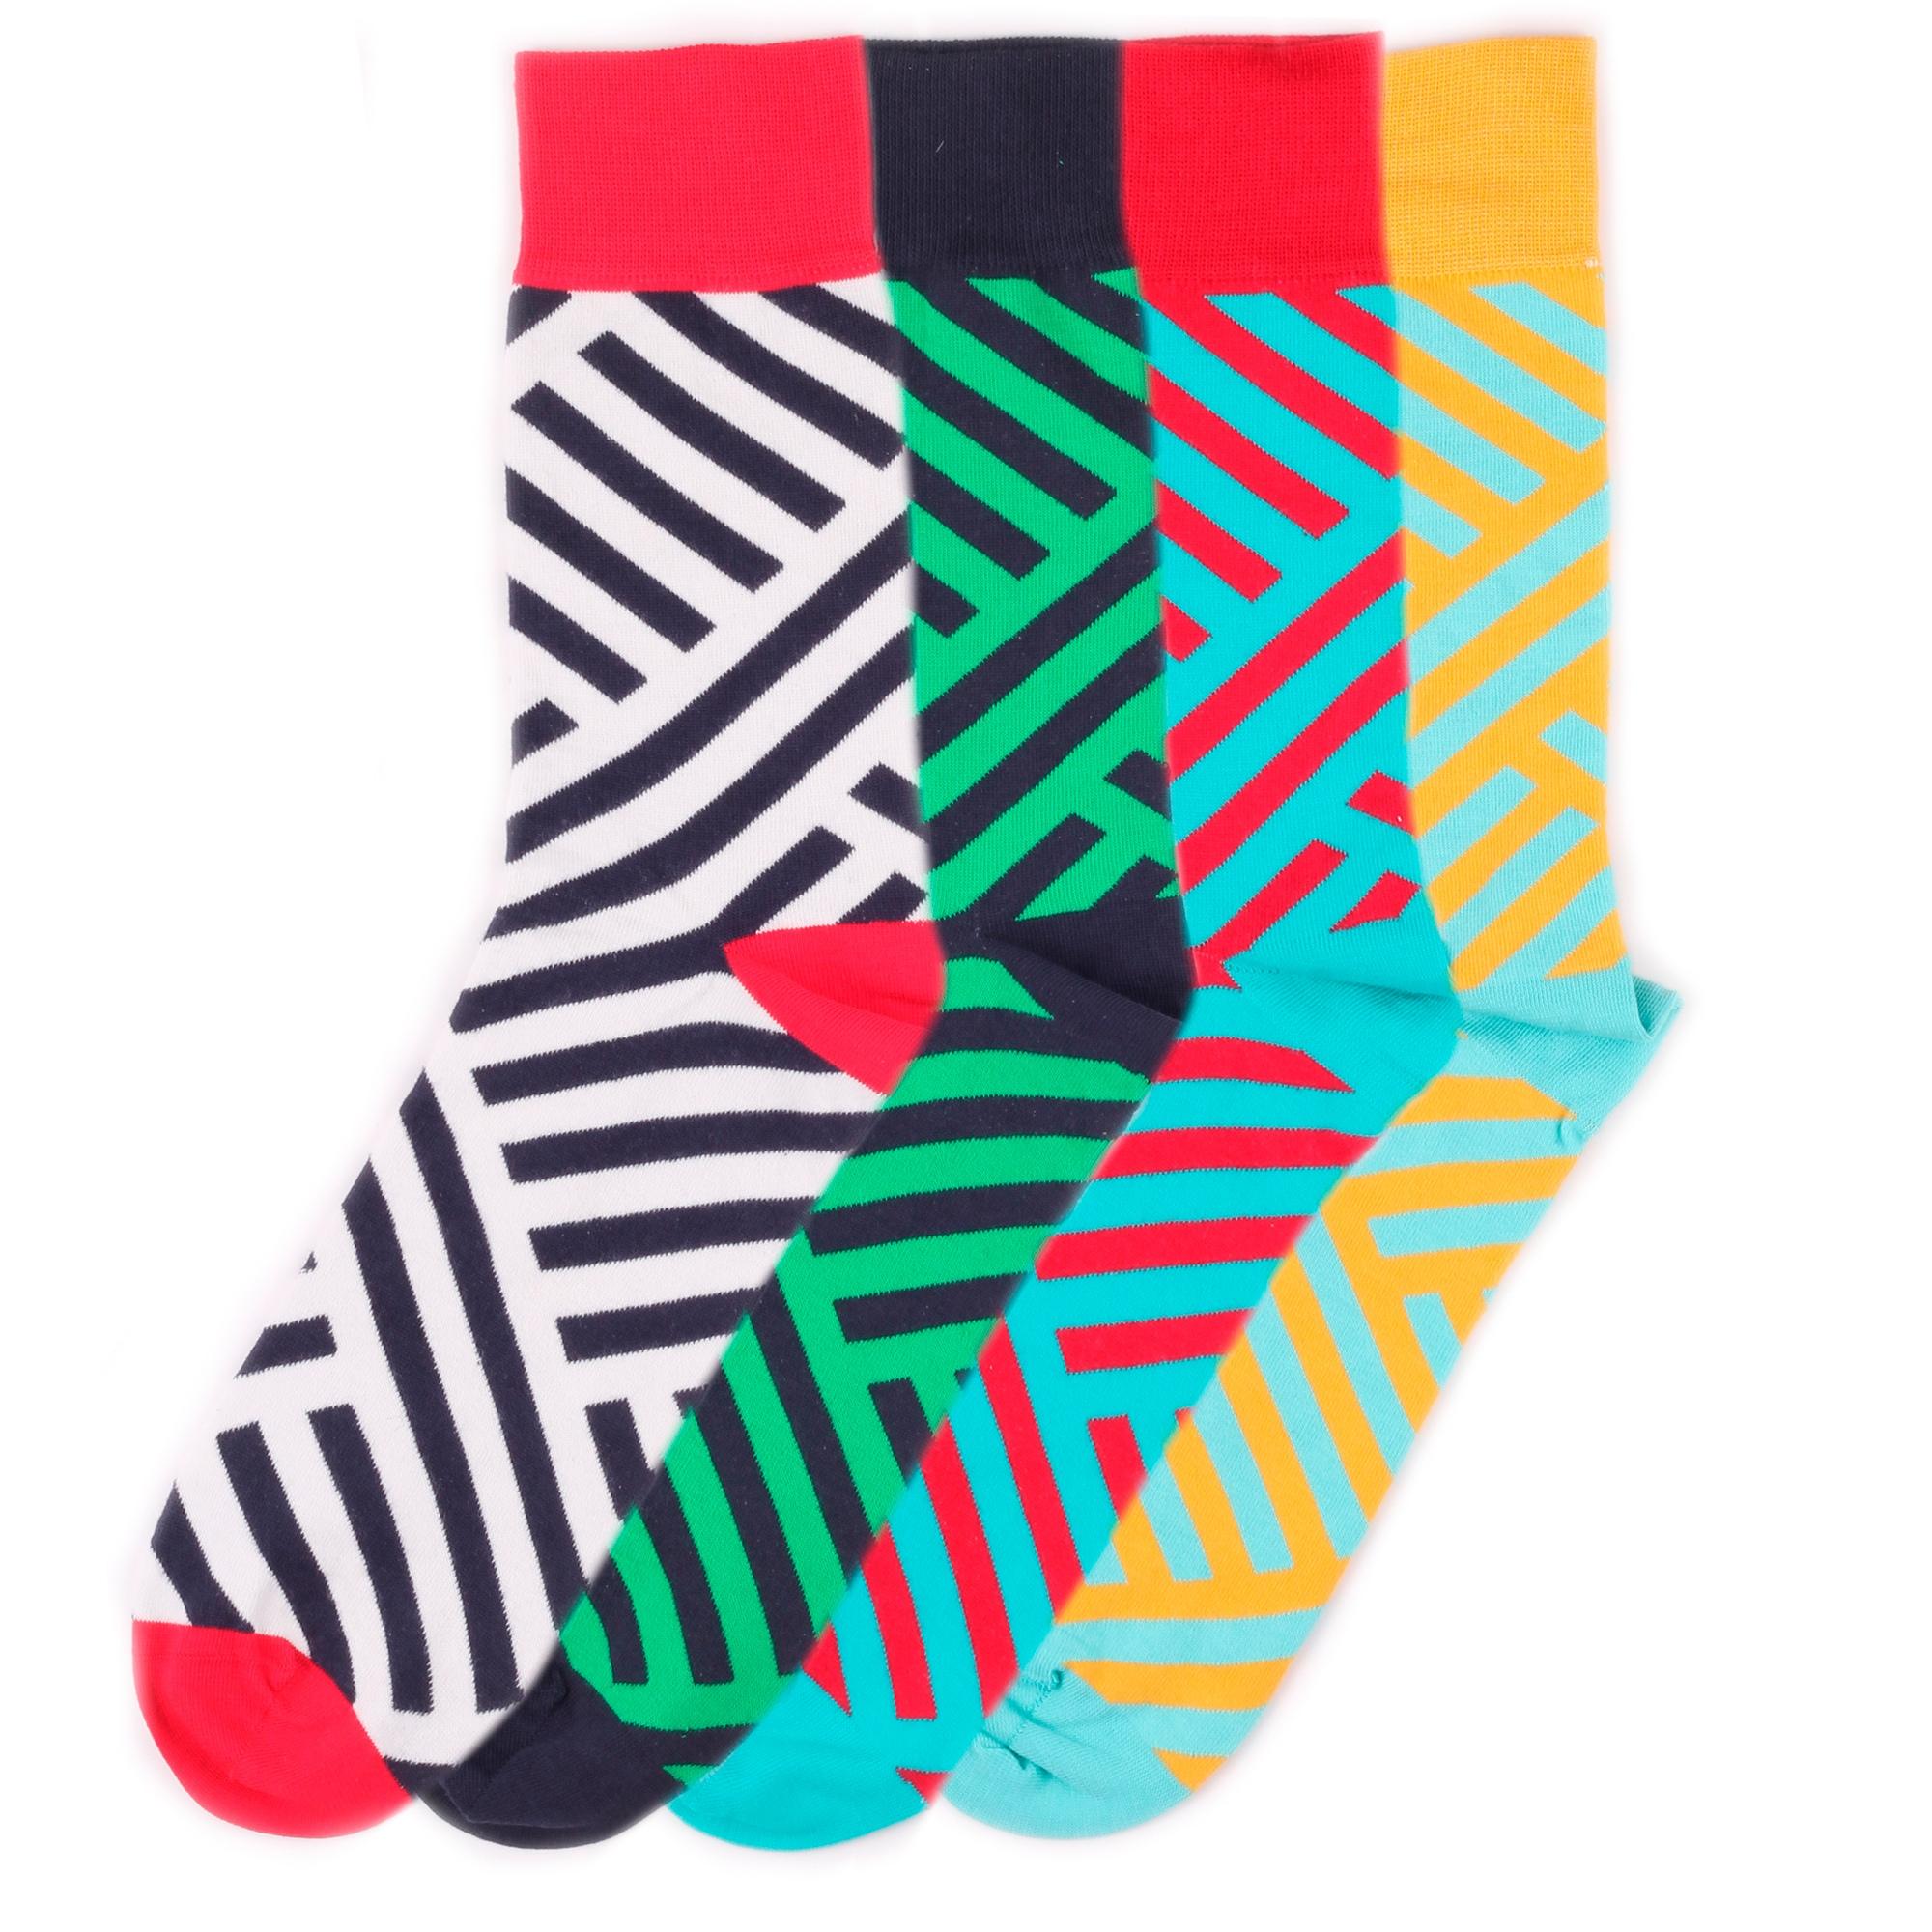 Набор носков Burning heels Diag Stripes разноцветный 39-41